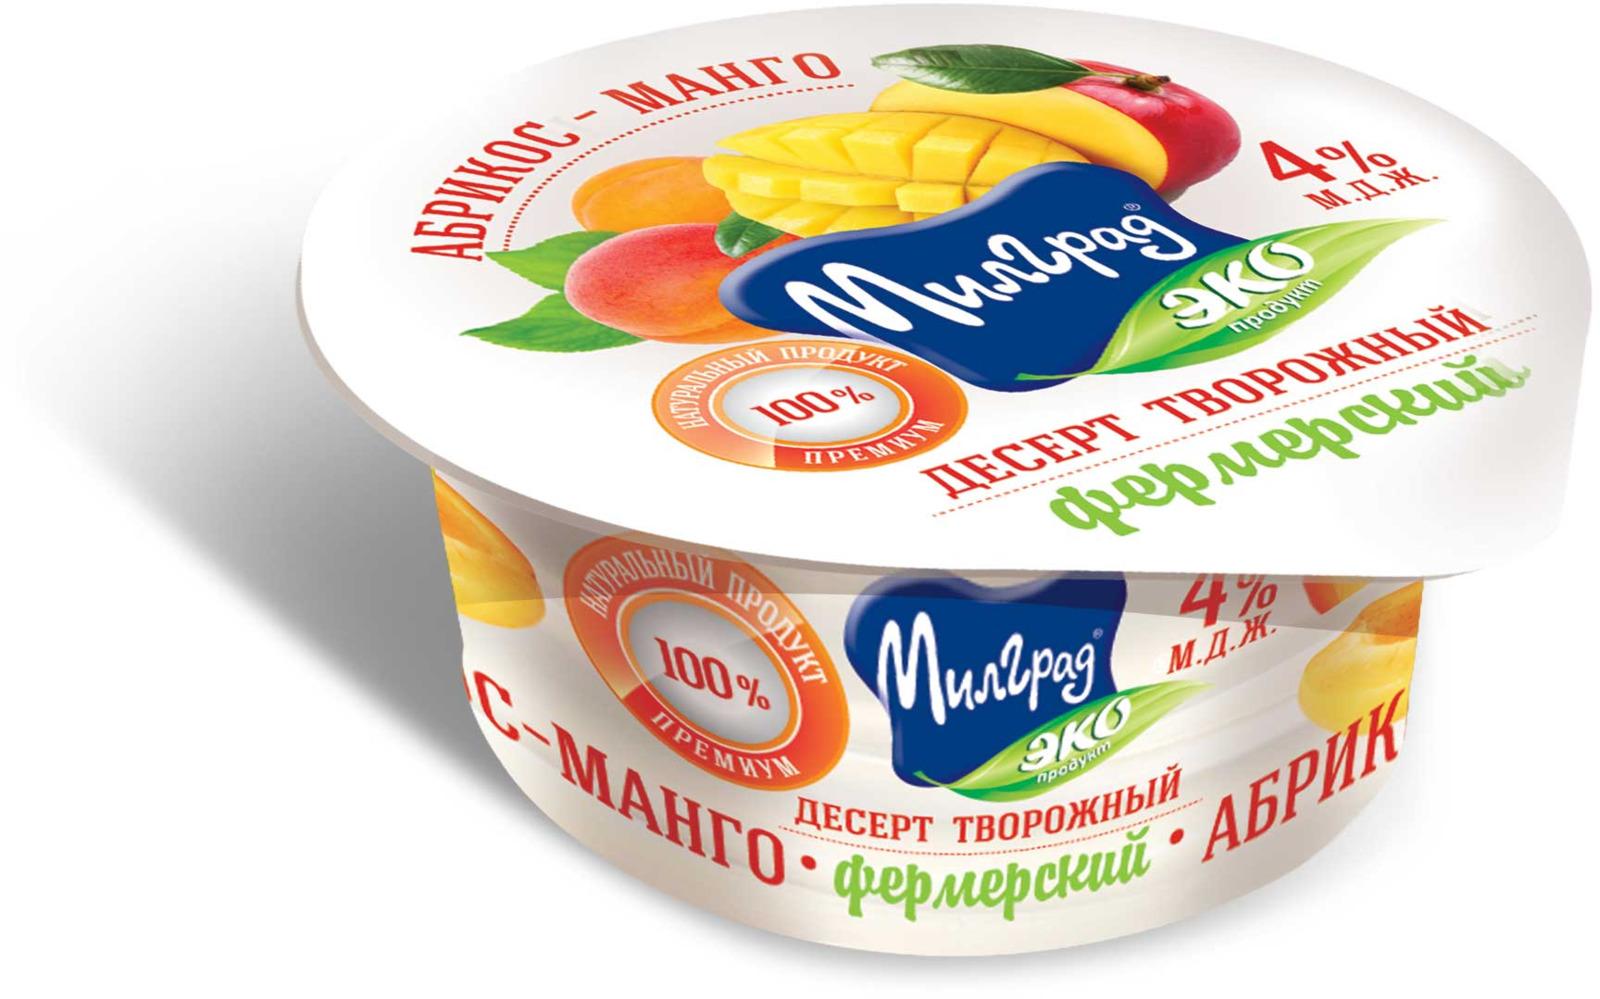 Милград Десерт творожный фермерский Абрикос-Манго, 130 г danone продукт творожный персик абрикос 3 6% 170 г